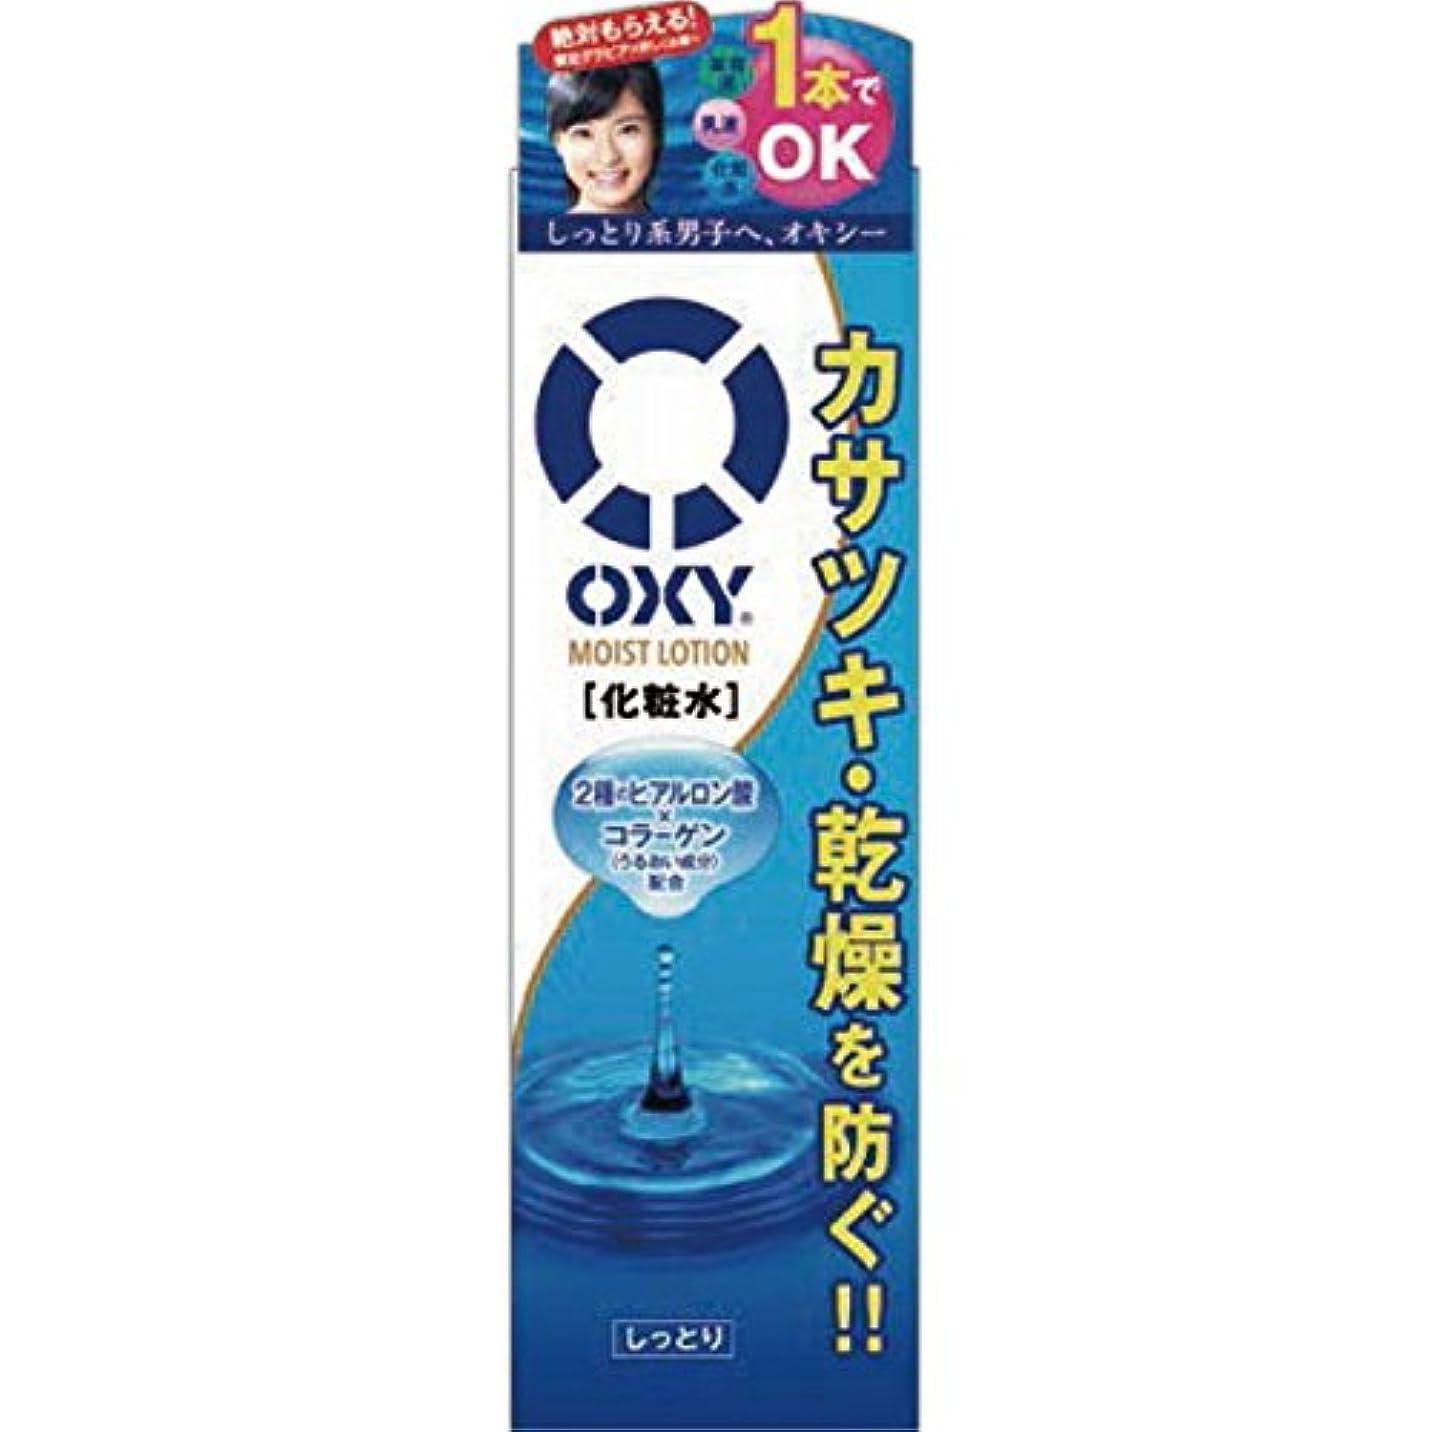 花瓶破産革命的オキシー (Oxy) モイストローション オールインワン化粧水 2種のヒアルロン酸×コラーゲン配合 ゼラニウムの香 170mL